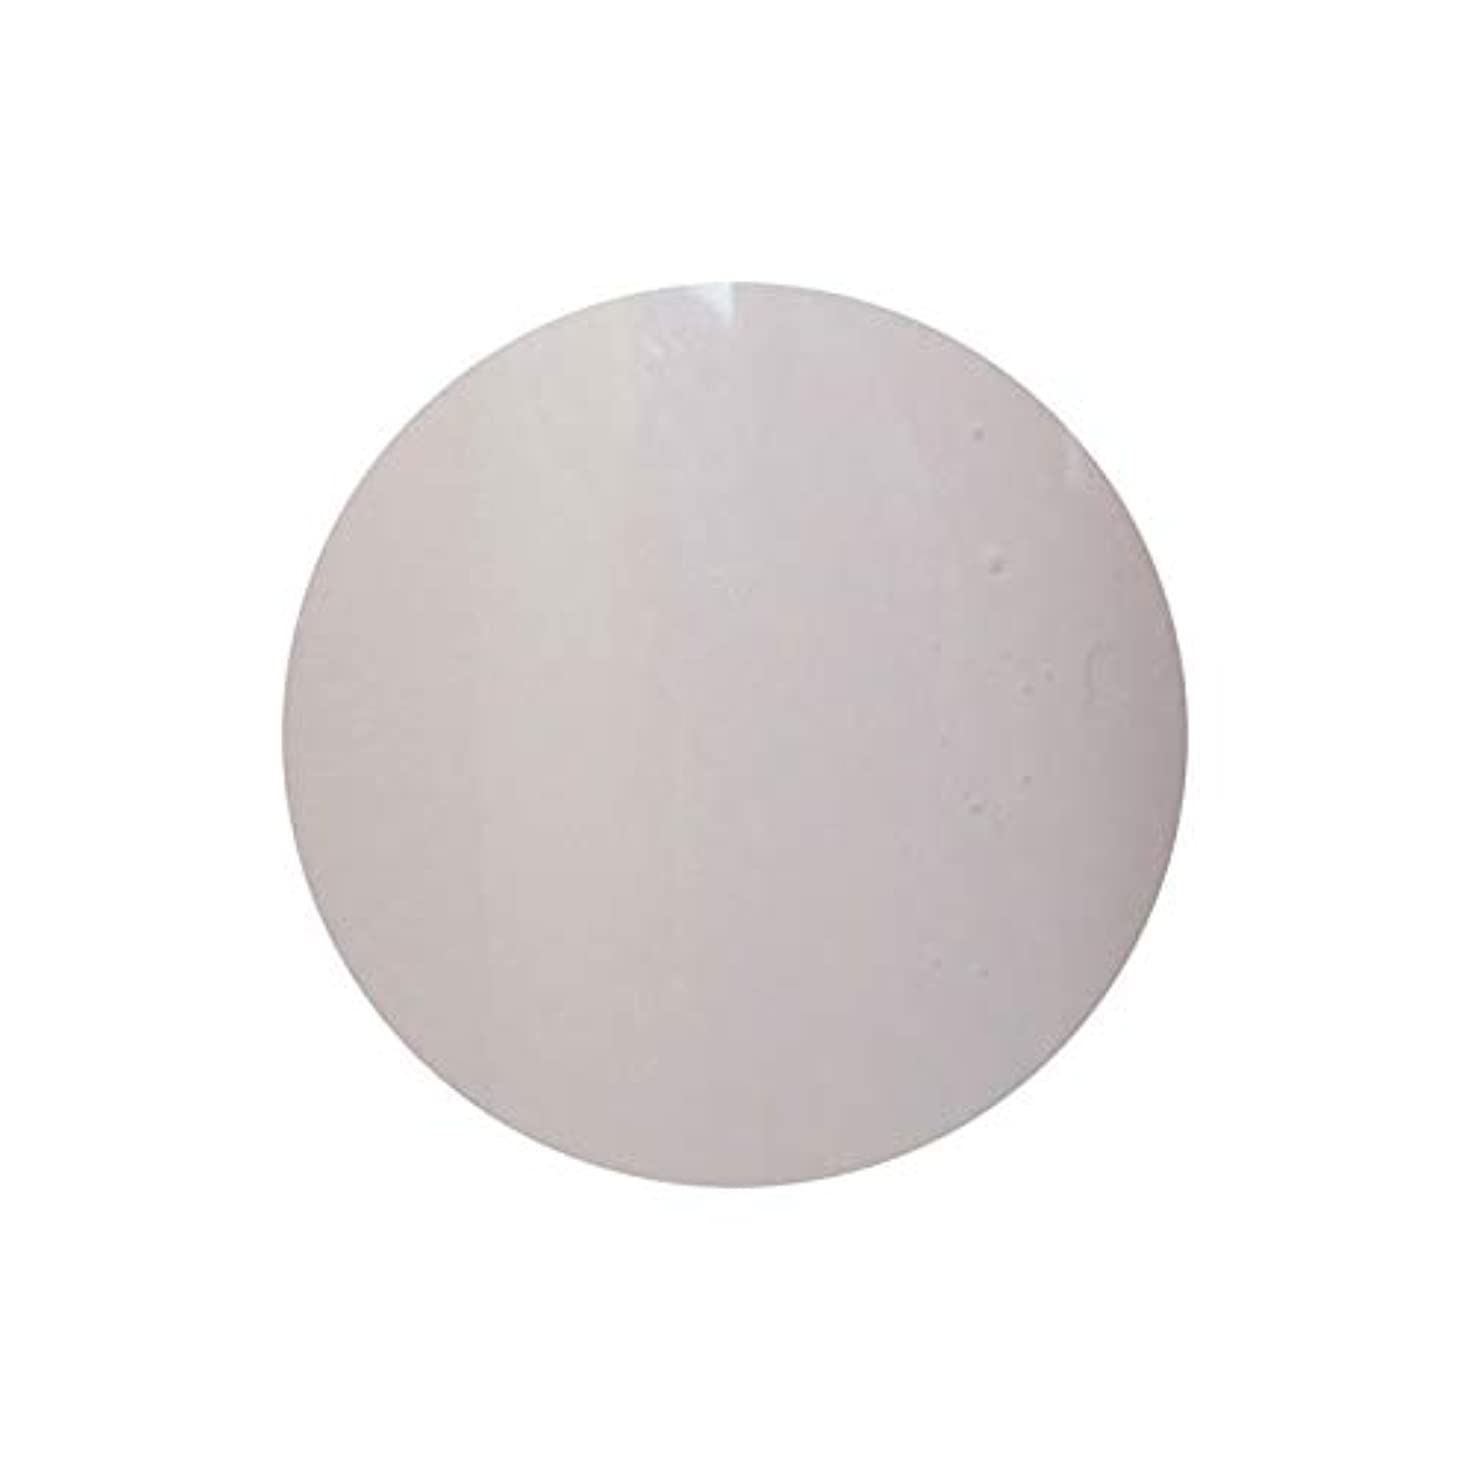 の間で仮説法的NEW】T-GEL COLLECTION カラージェル D220 モカホワイト 4ml